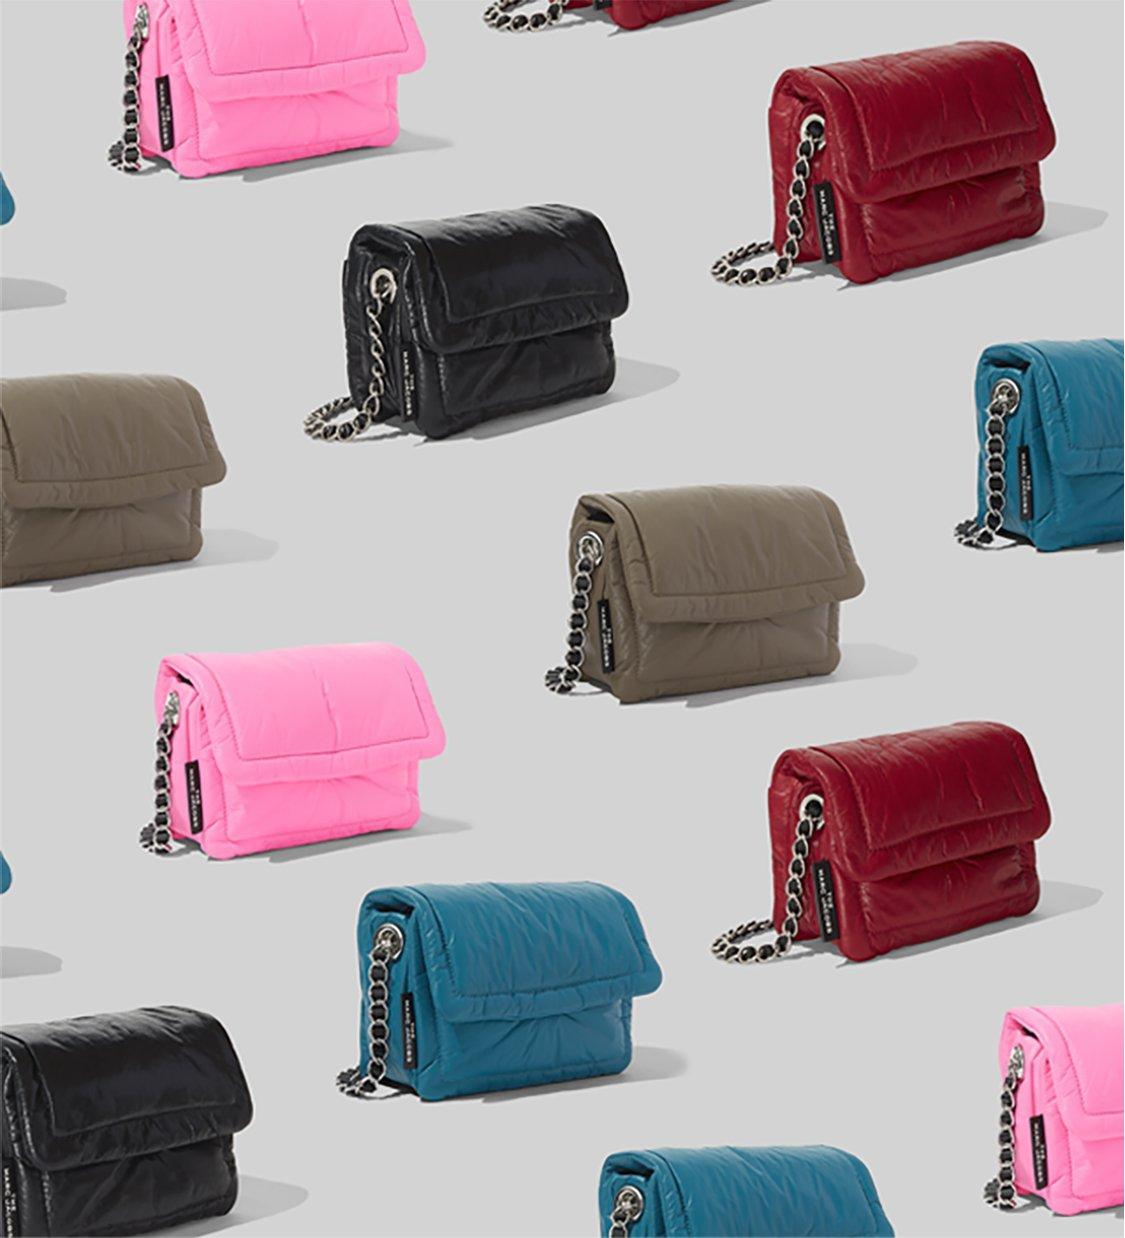 huge discount 261d1 e1b91 Marc Jacobs | Official Site